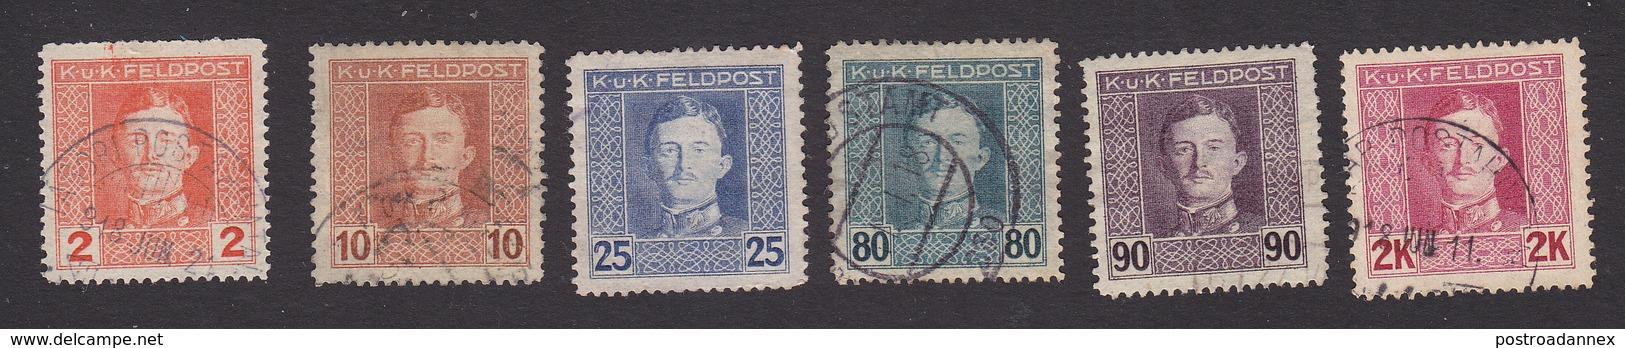 Austria, Scott #M50, M54, M57-M58, M63-M65, Used, Emperor Karl I Military Stamps, Issued 1917 - Austria